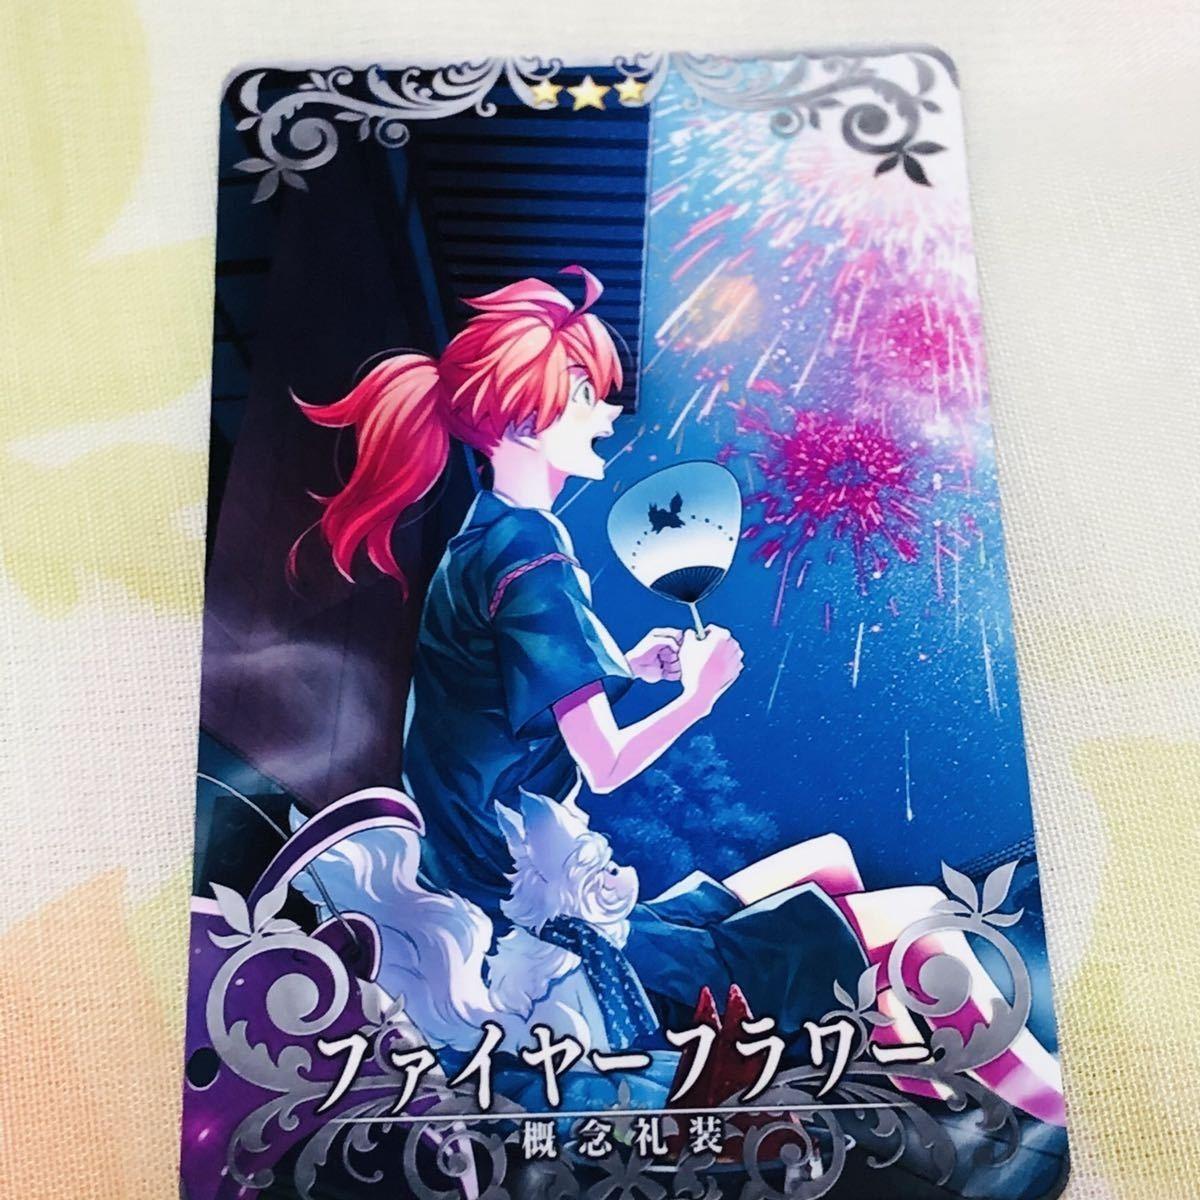 Fate/Grand Order Arcade FGO AC アーケード カード 12枚セット クー・フーリン マシュ 刹那のまほろば ファイアーフラワー 死の芸術_画像8